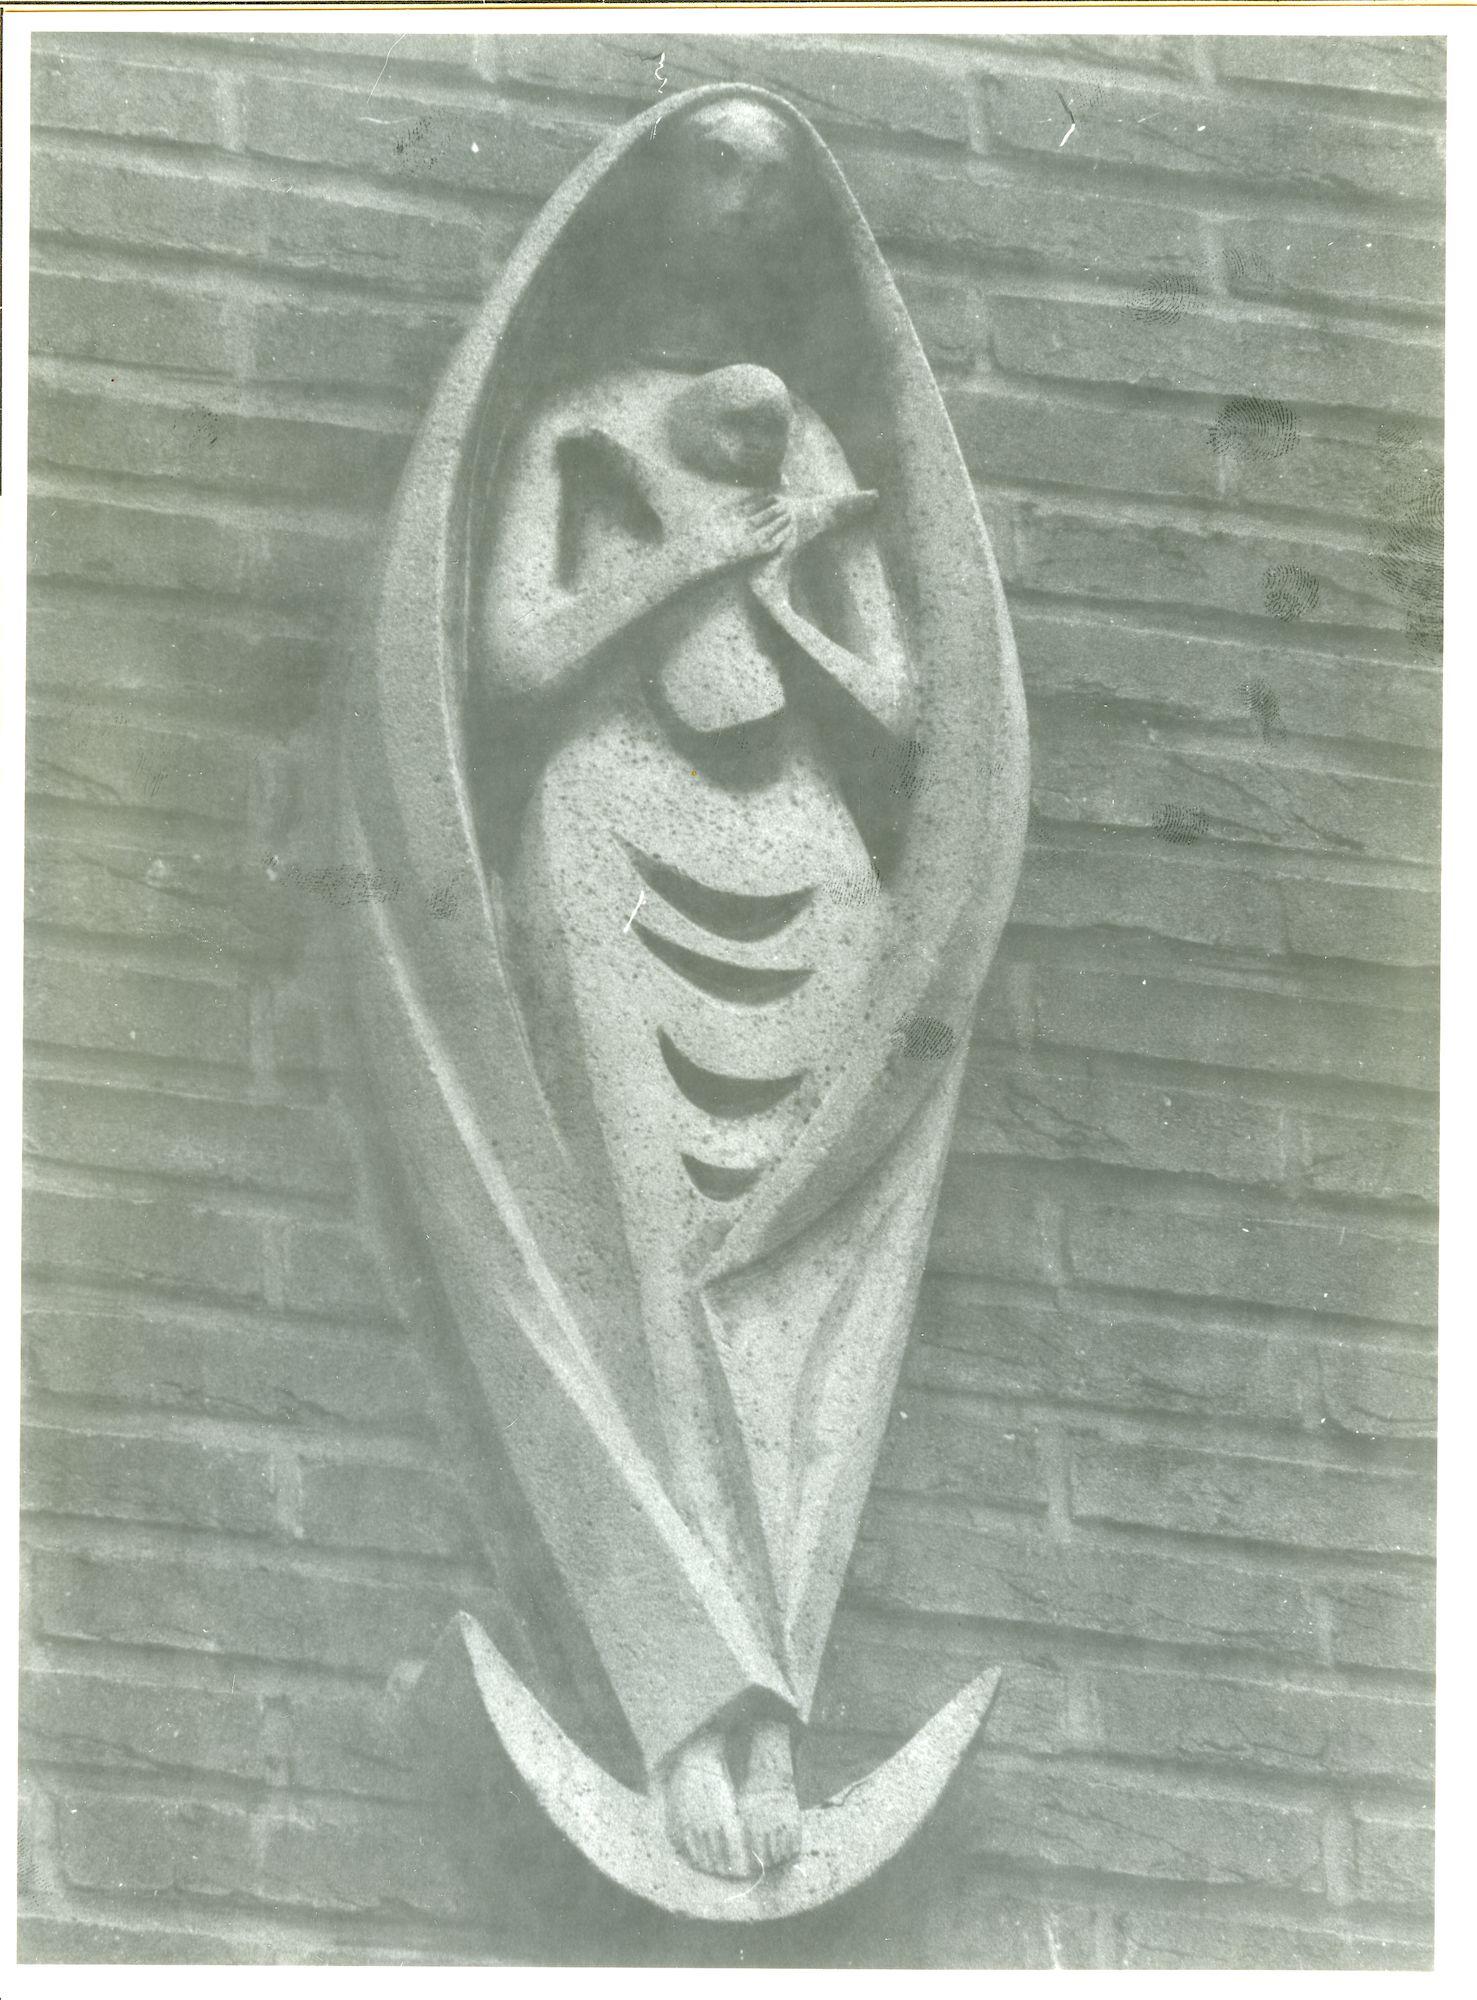 Gentbrugge: Rodebeukendreef 20: Beeldhouwwerk, 1979